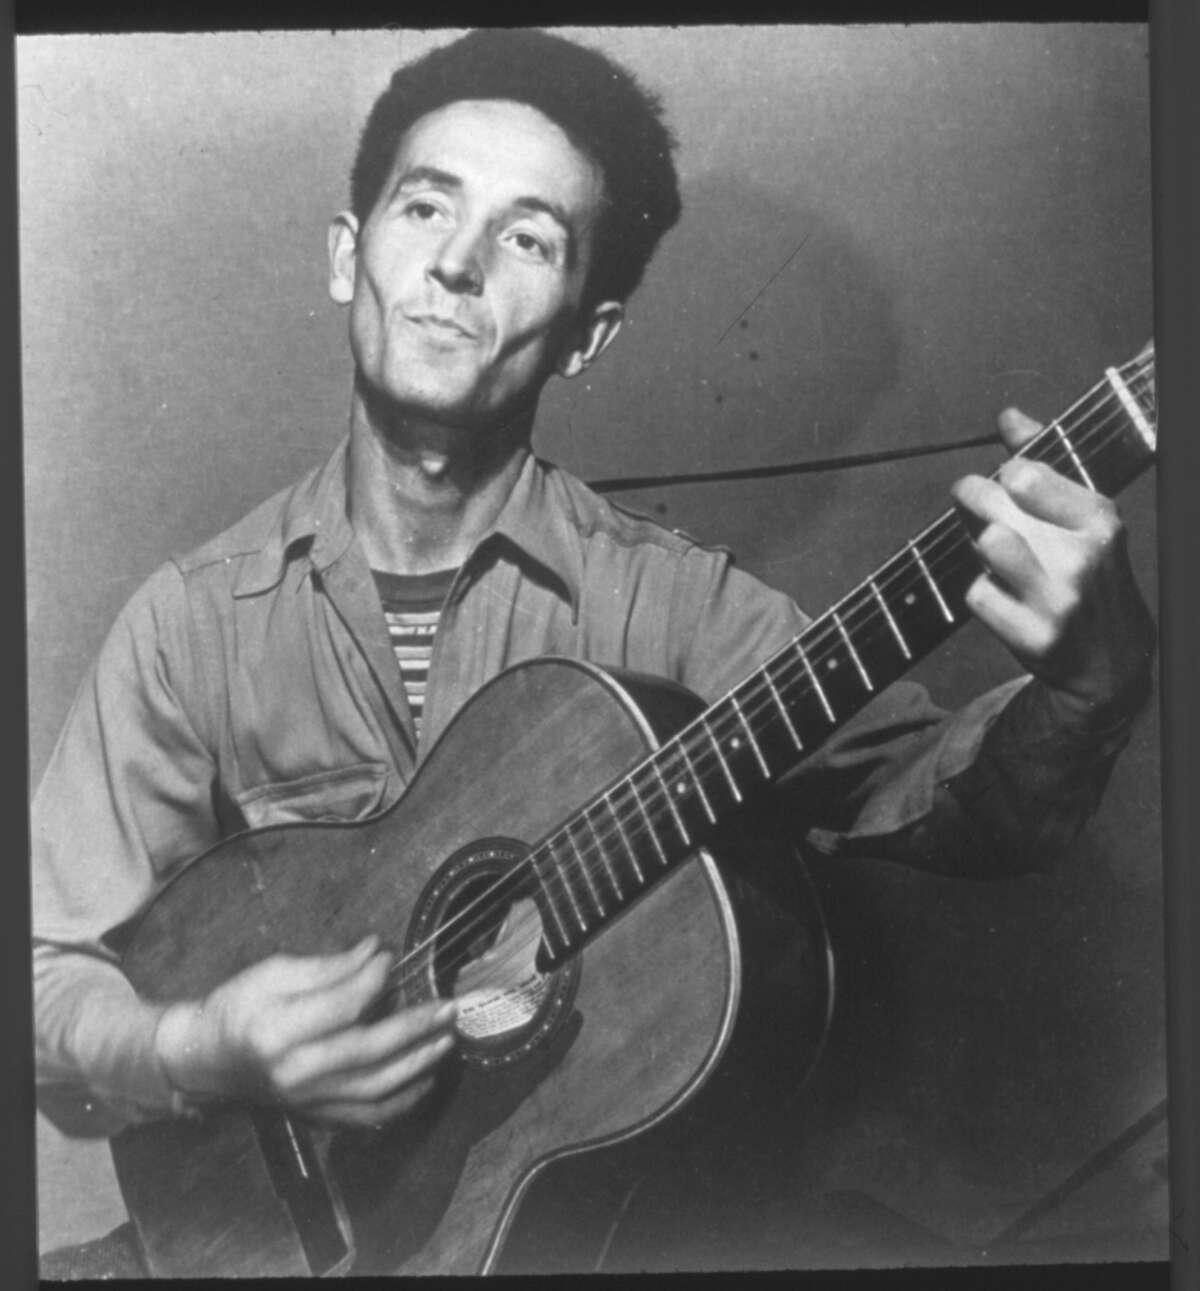 folksinger, Woody Guthrie